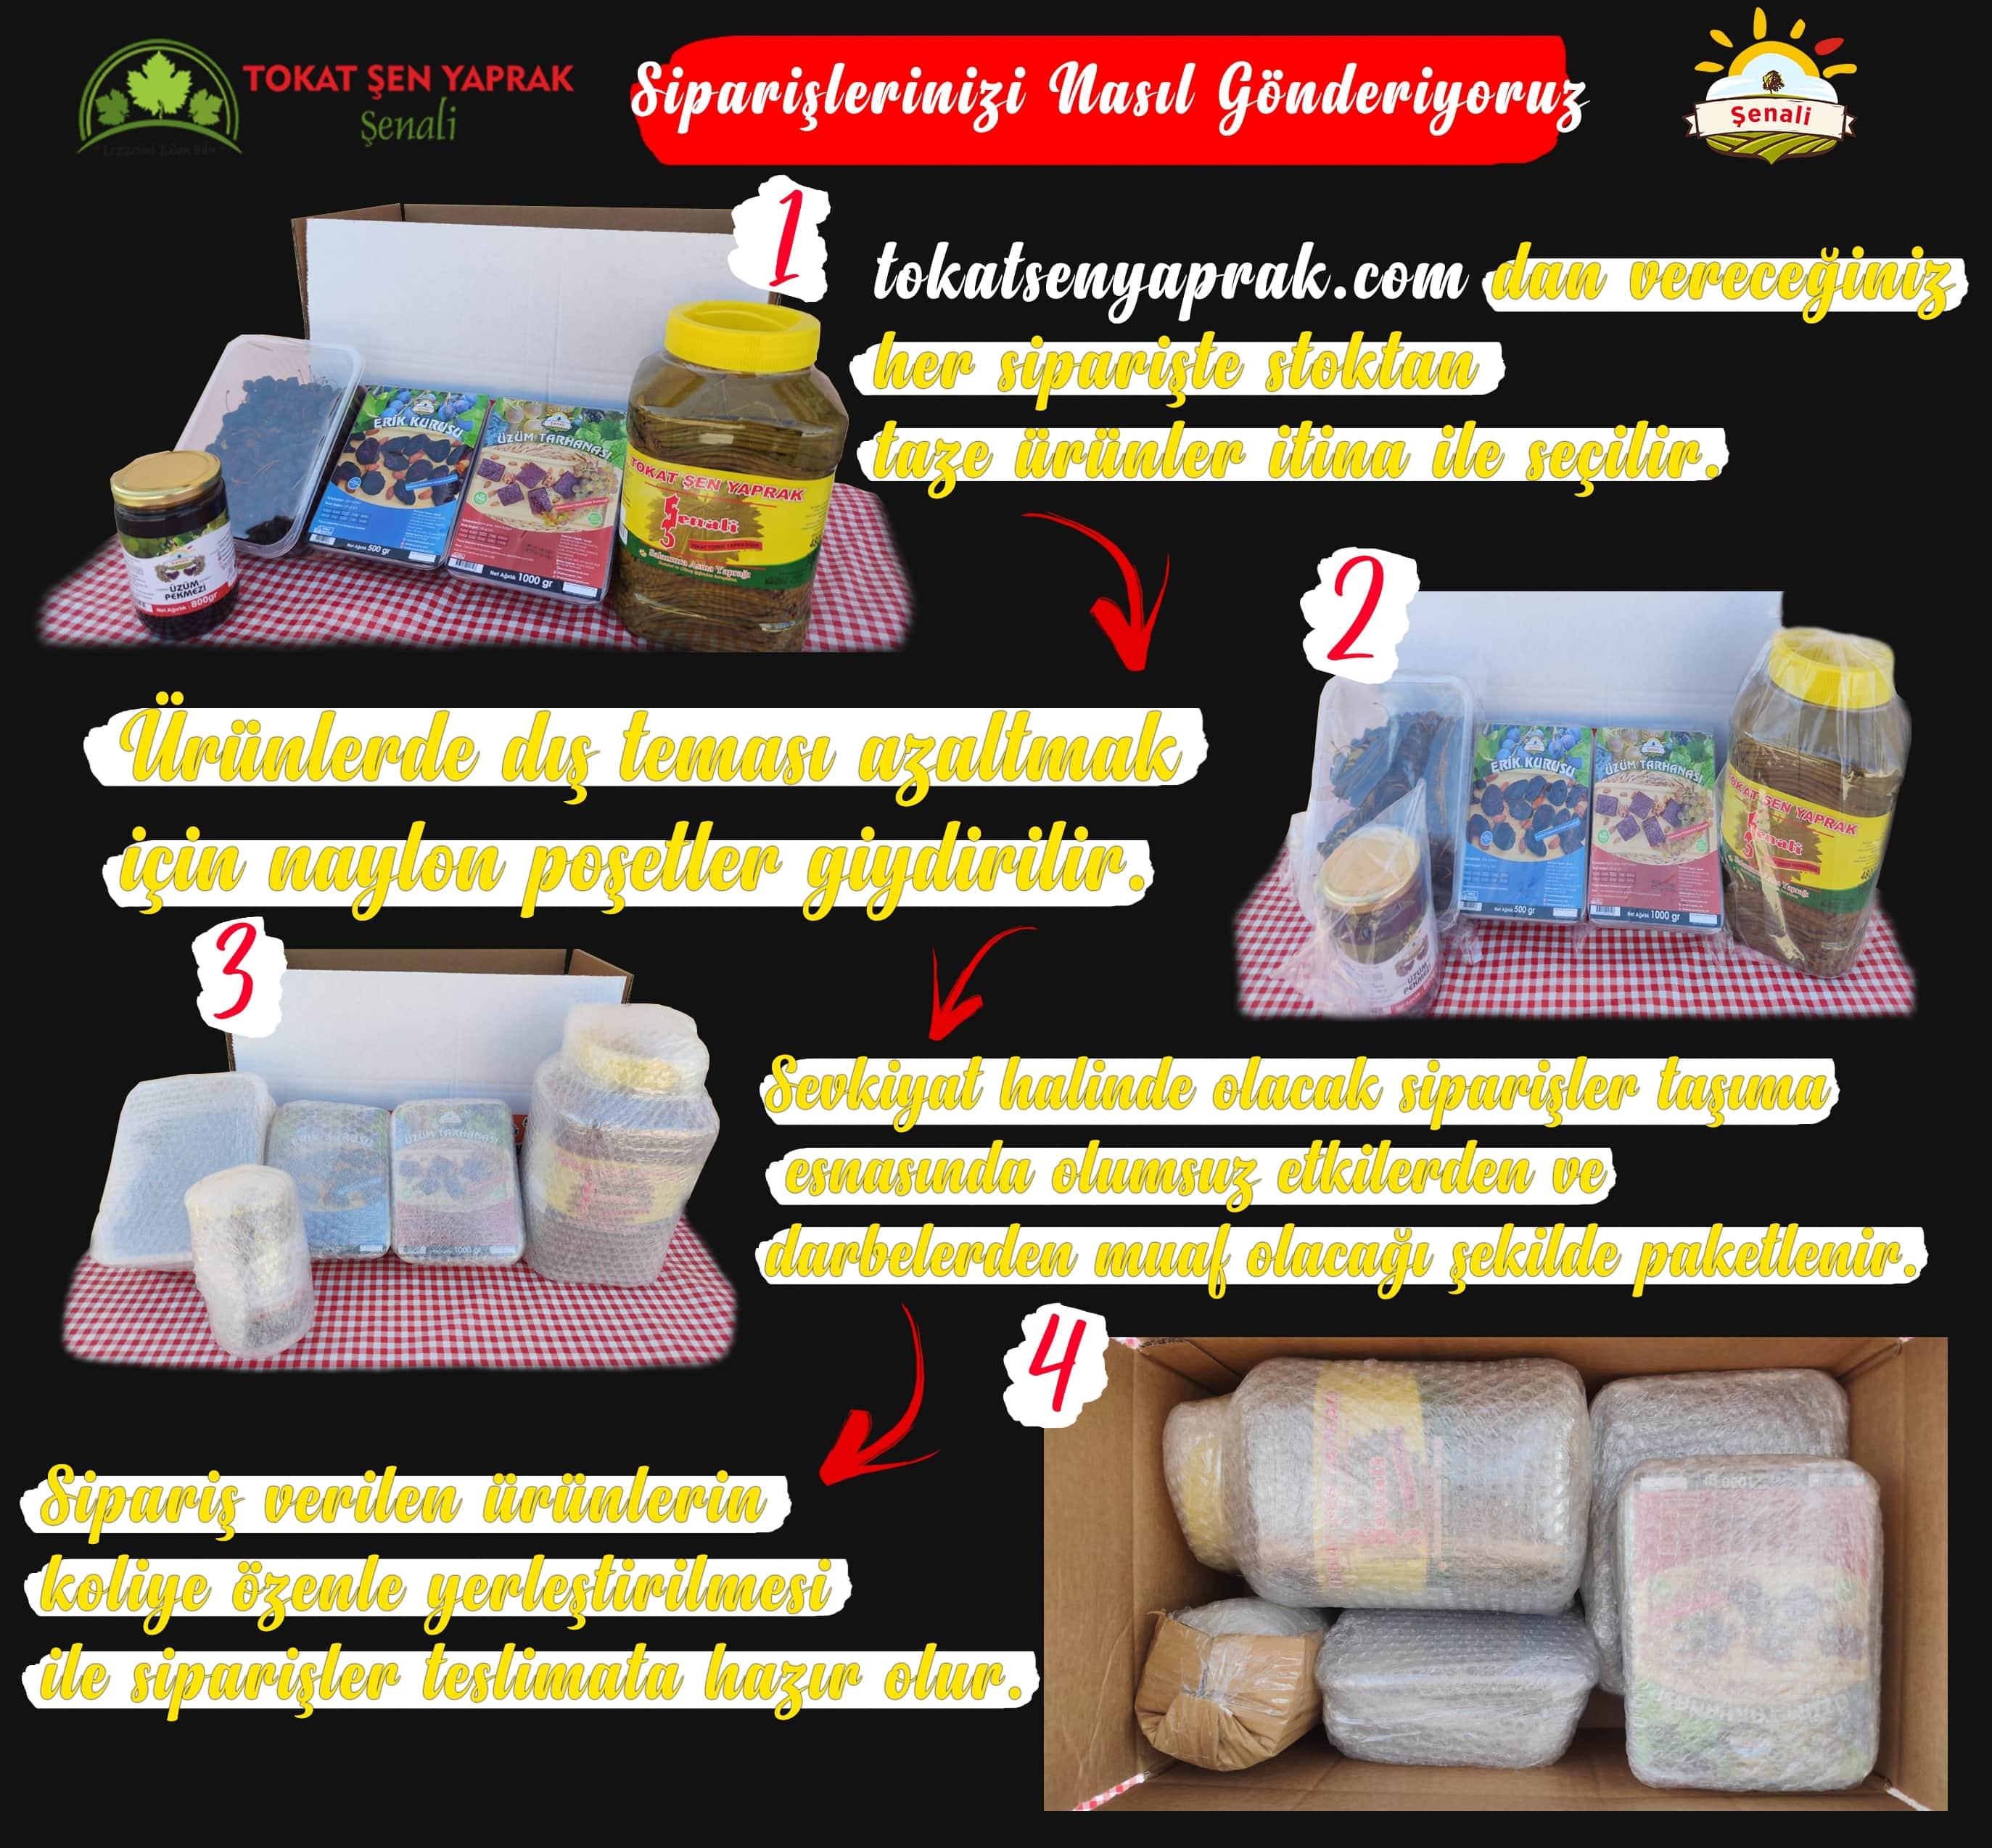 Ürünlerimizi Nasıl Gönderiyoruz - Kopya_2